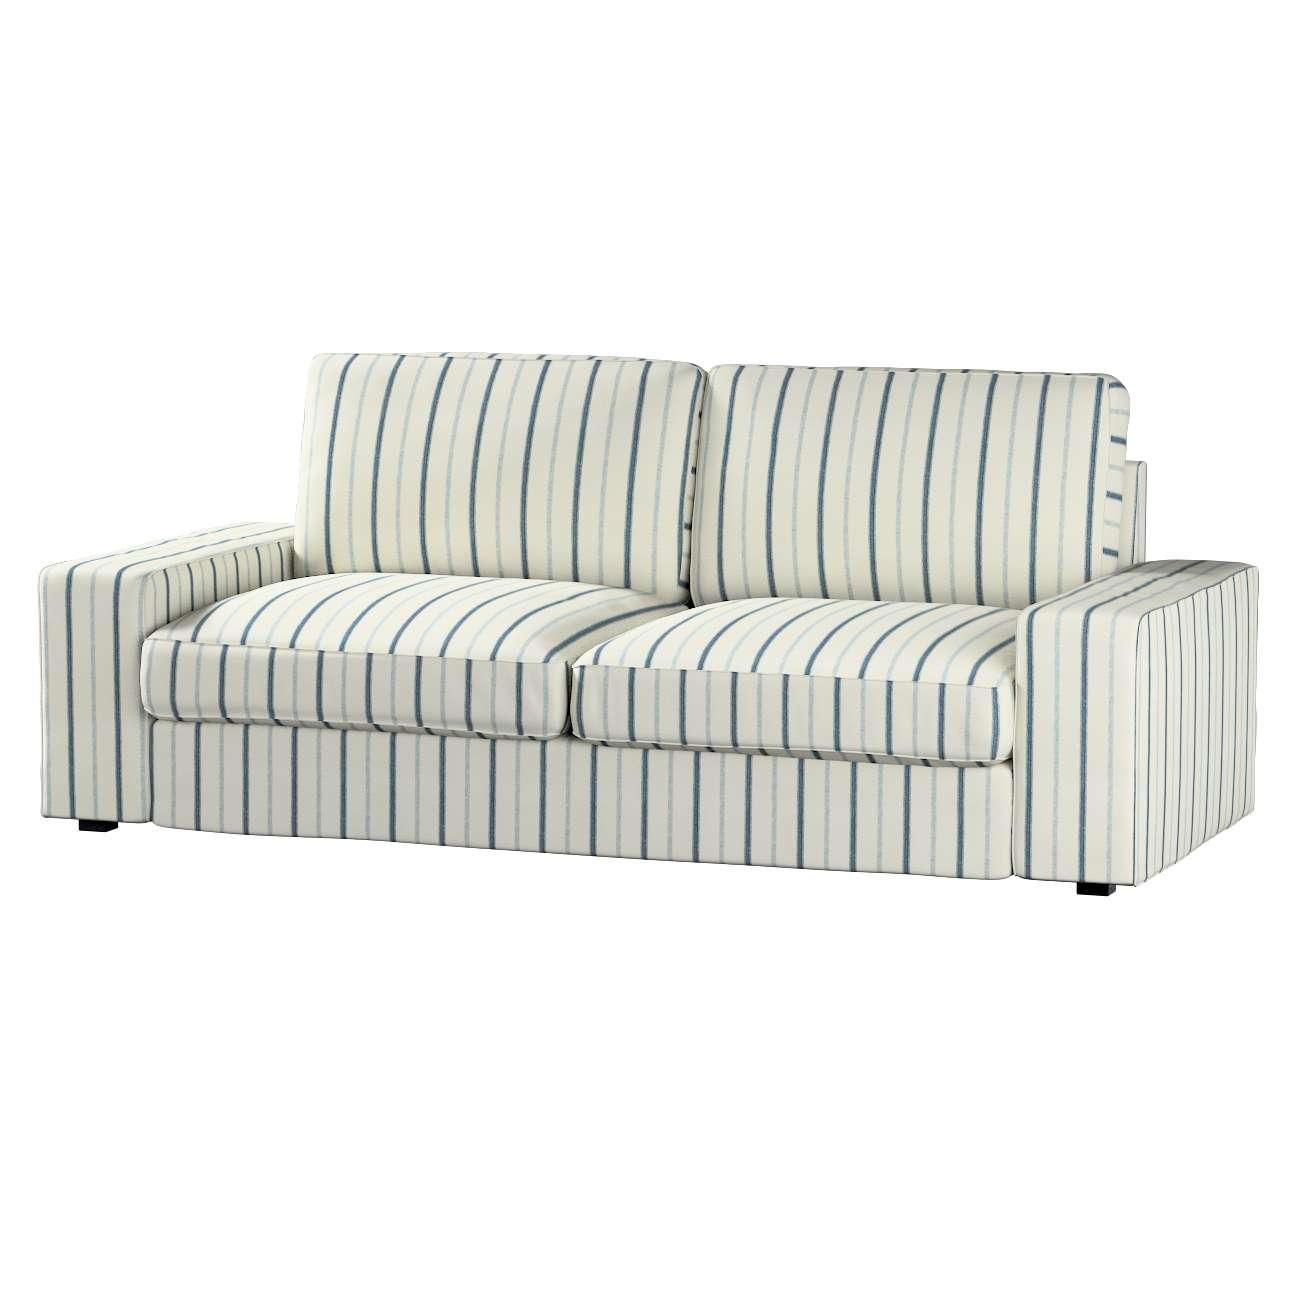 Pokrowiec na sofę Kivik 3-osobową, nierozkładaną Sofa Kivik 3-osobowa nierozkładana w kolekcji Avinon, tkanina: 129-66